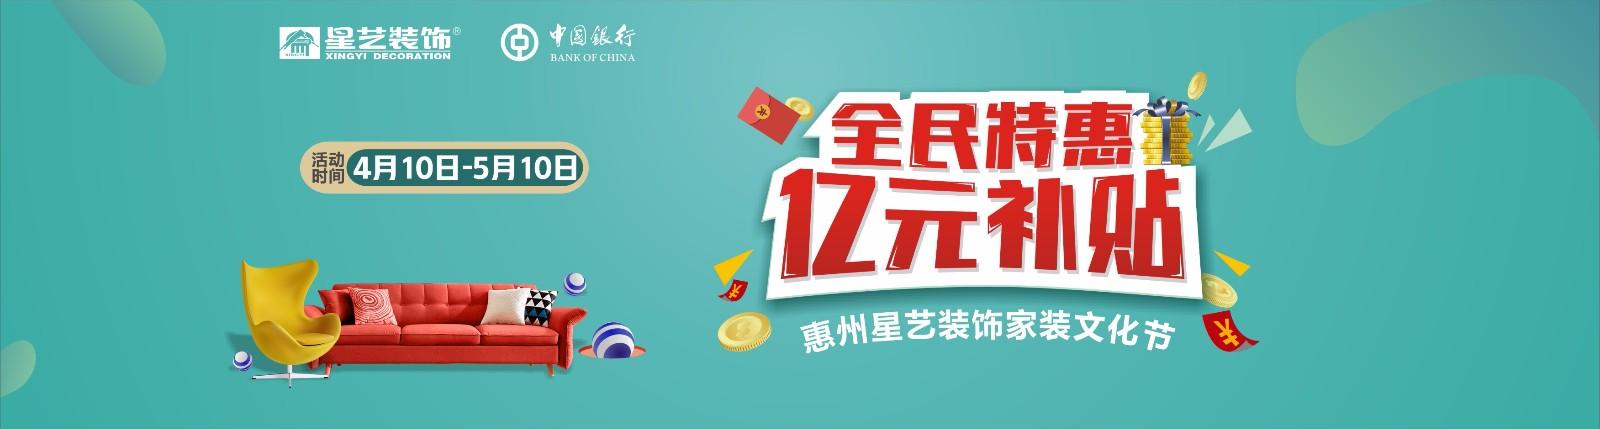 惠州lols10总决赛外围装饰家装文化节